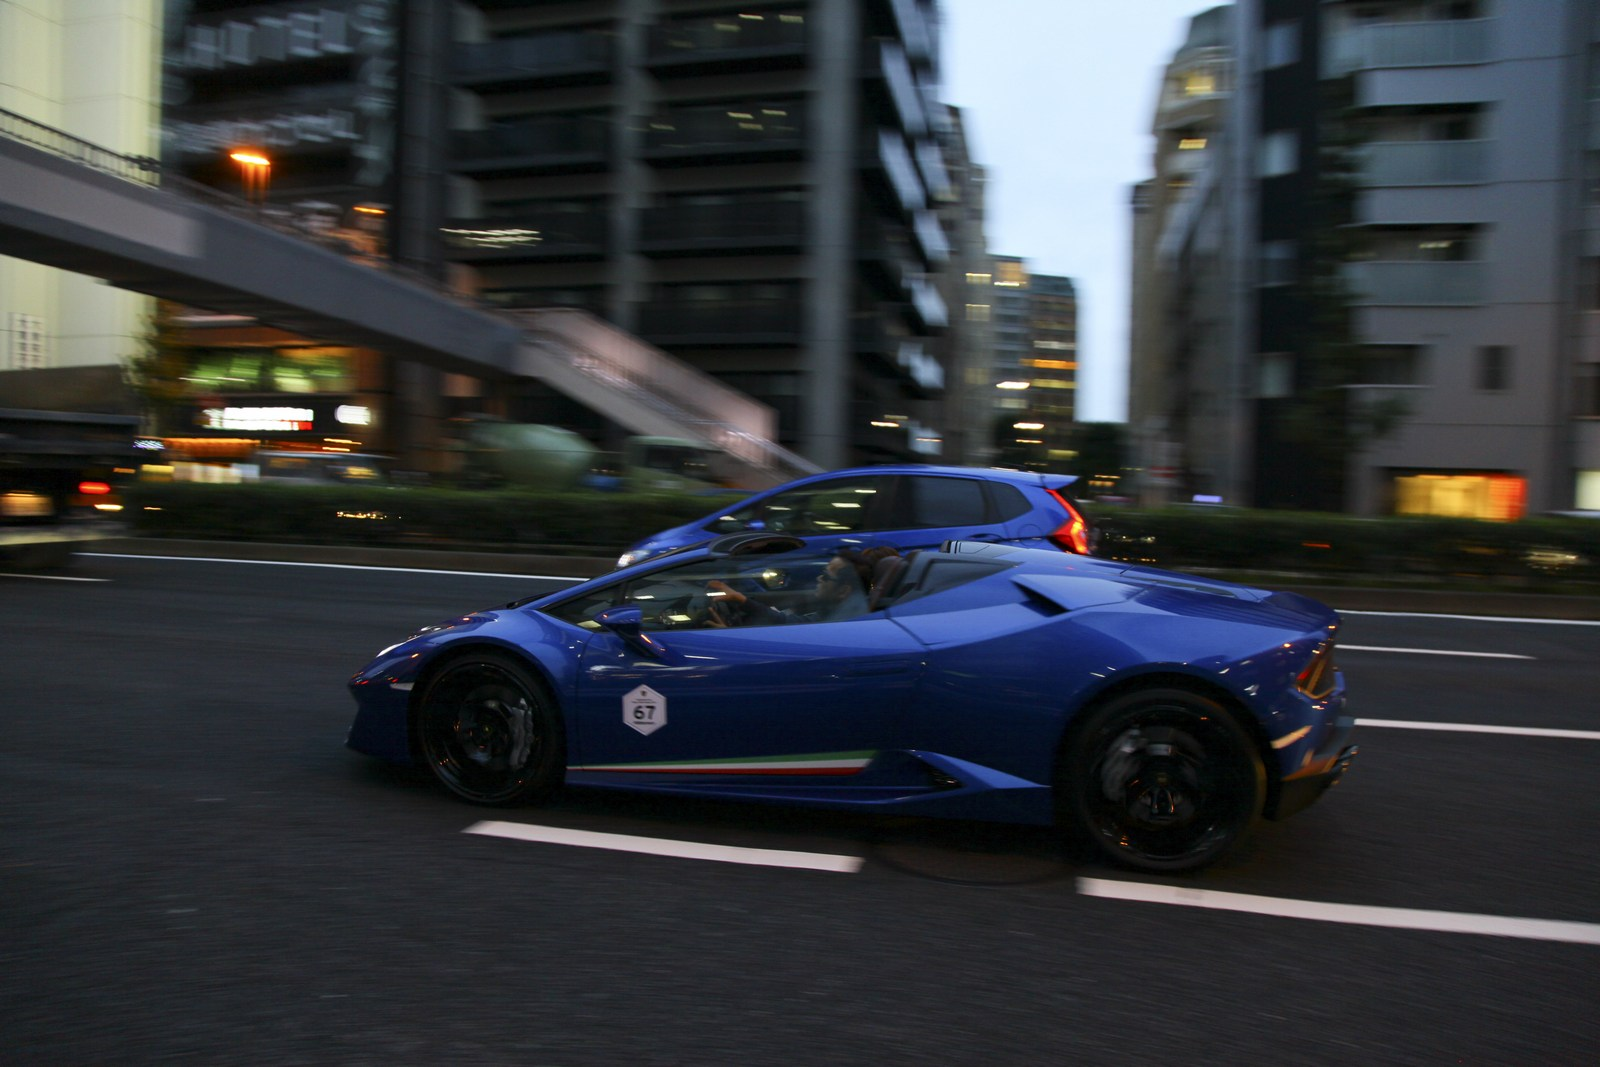 Lamborghini Aventador S Roadster For Japan (21)